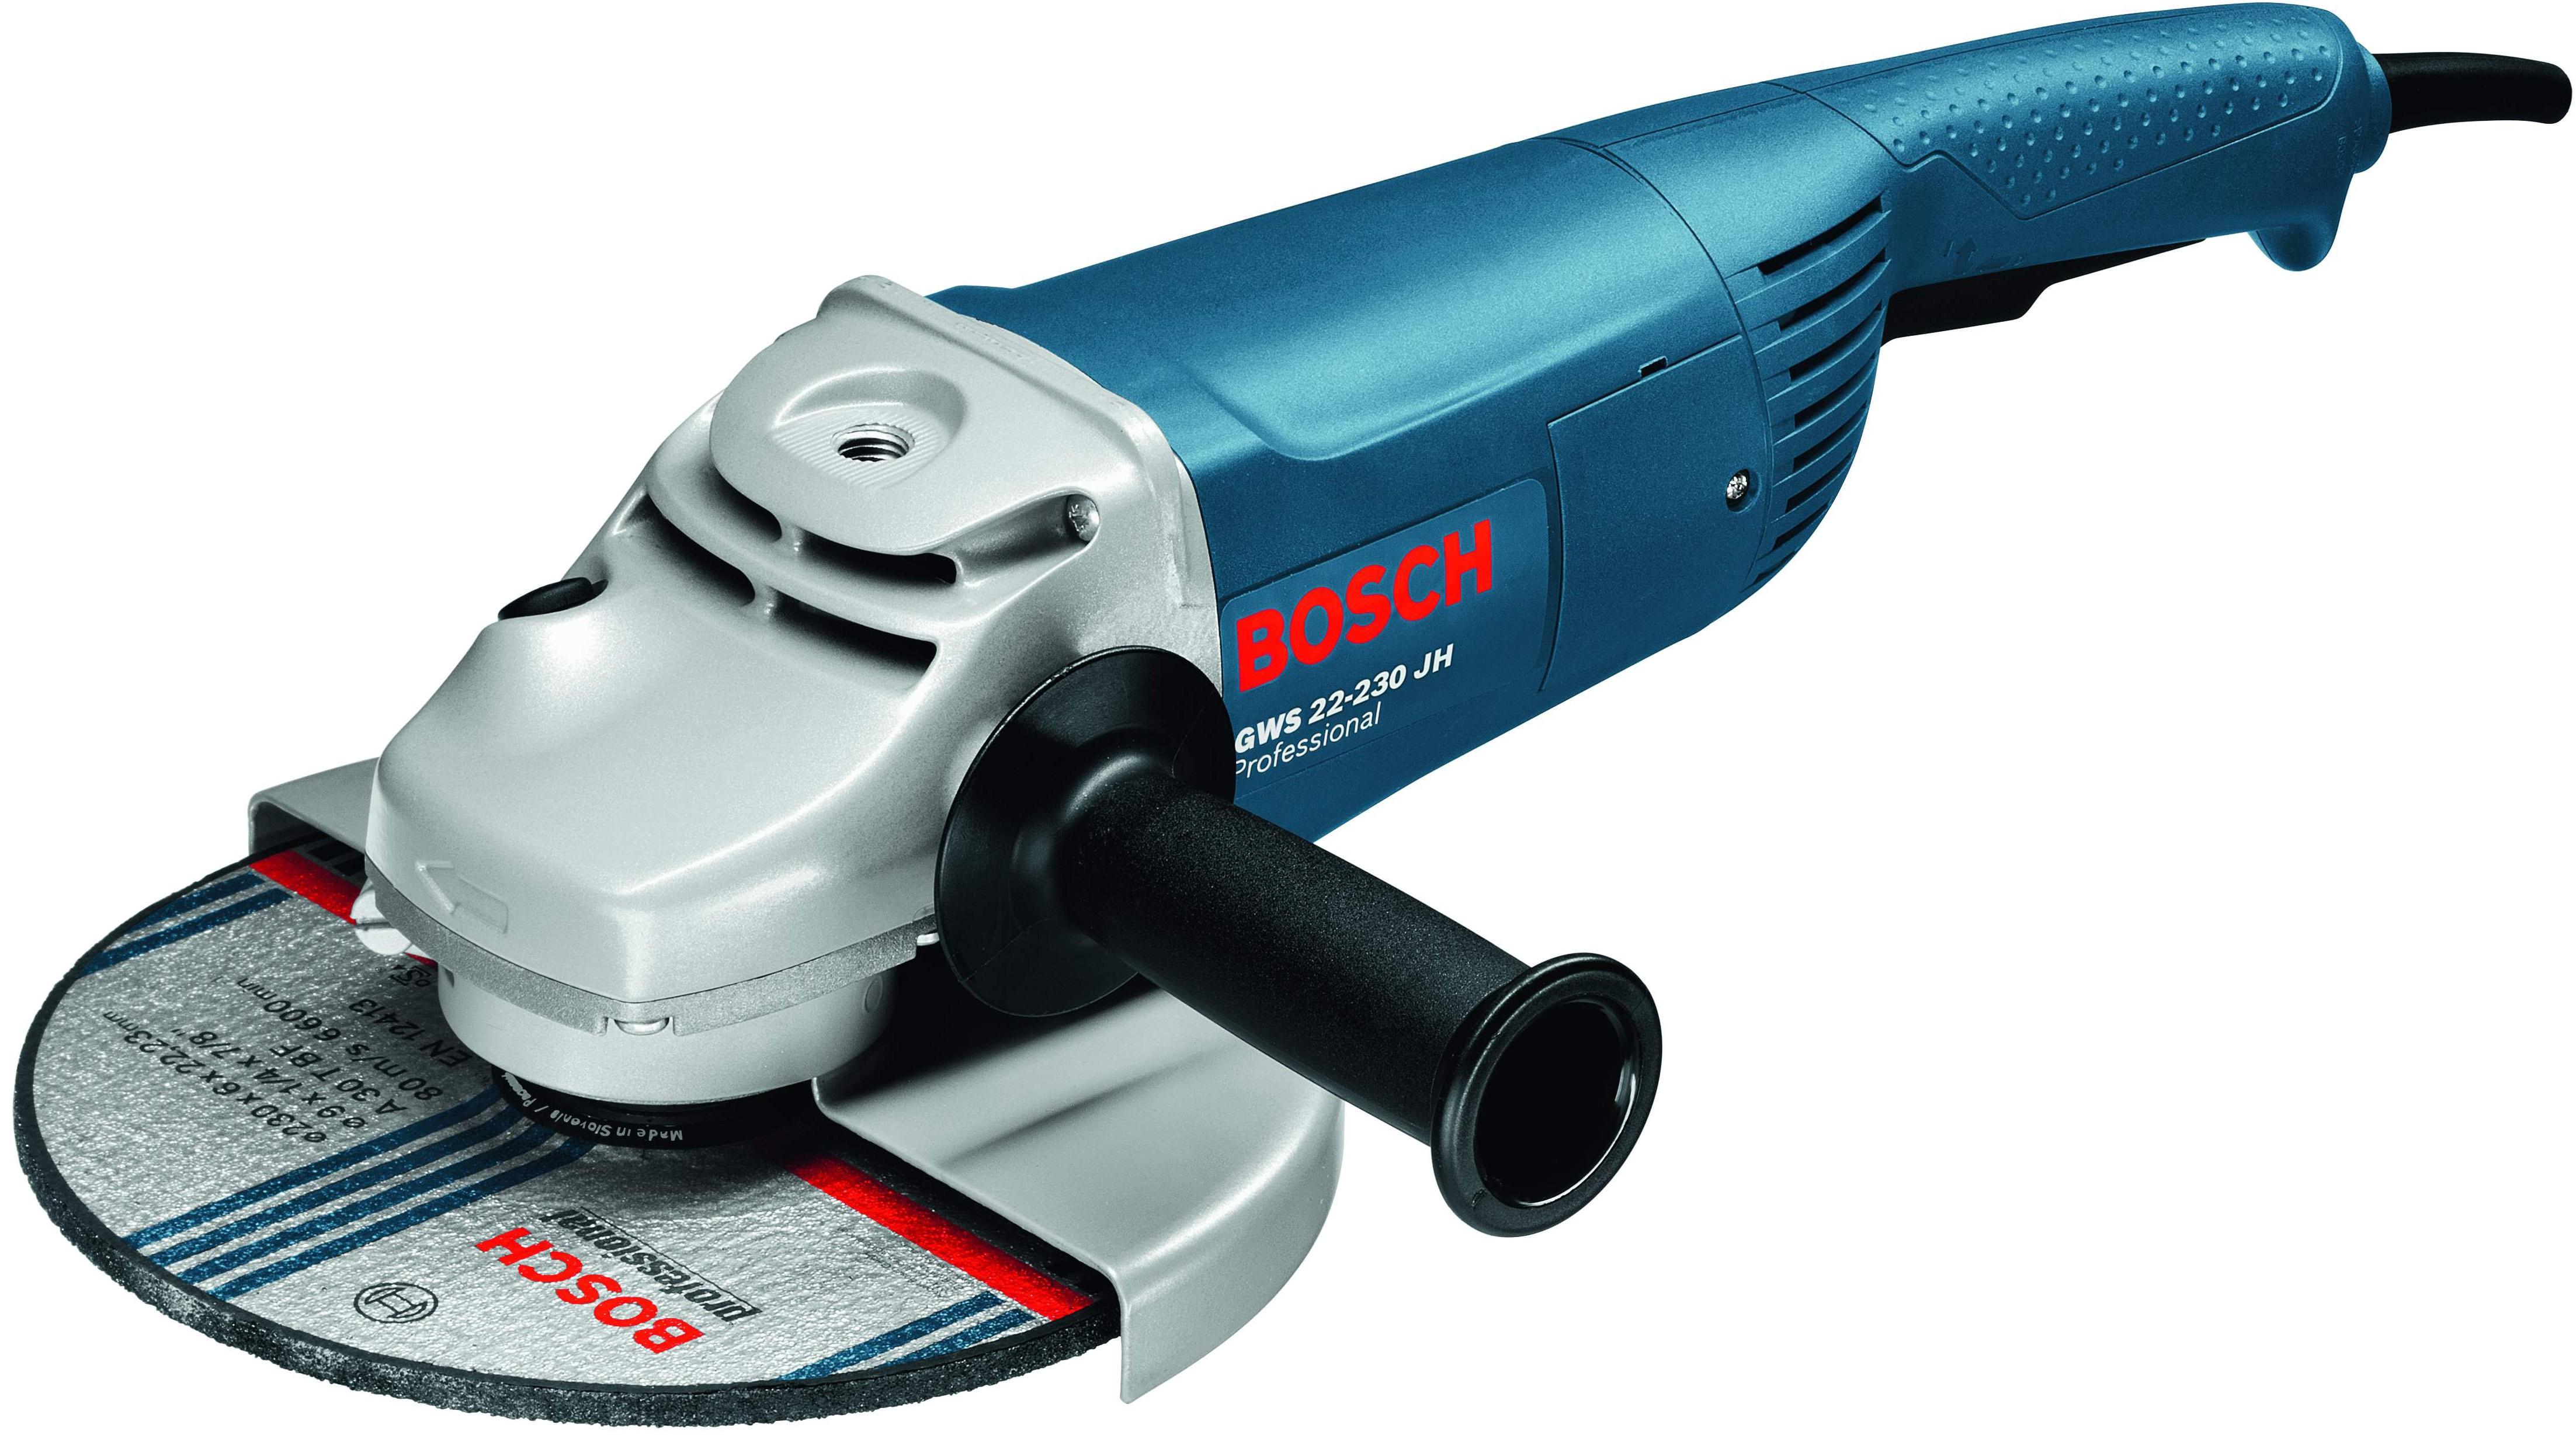 Купить Угловую шлифмашину (болгарку) Bosch Professional GWS 22-230 H - Интернет-магазин Сокол (044) 591-7711.